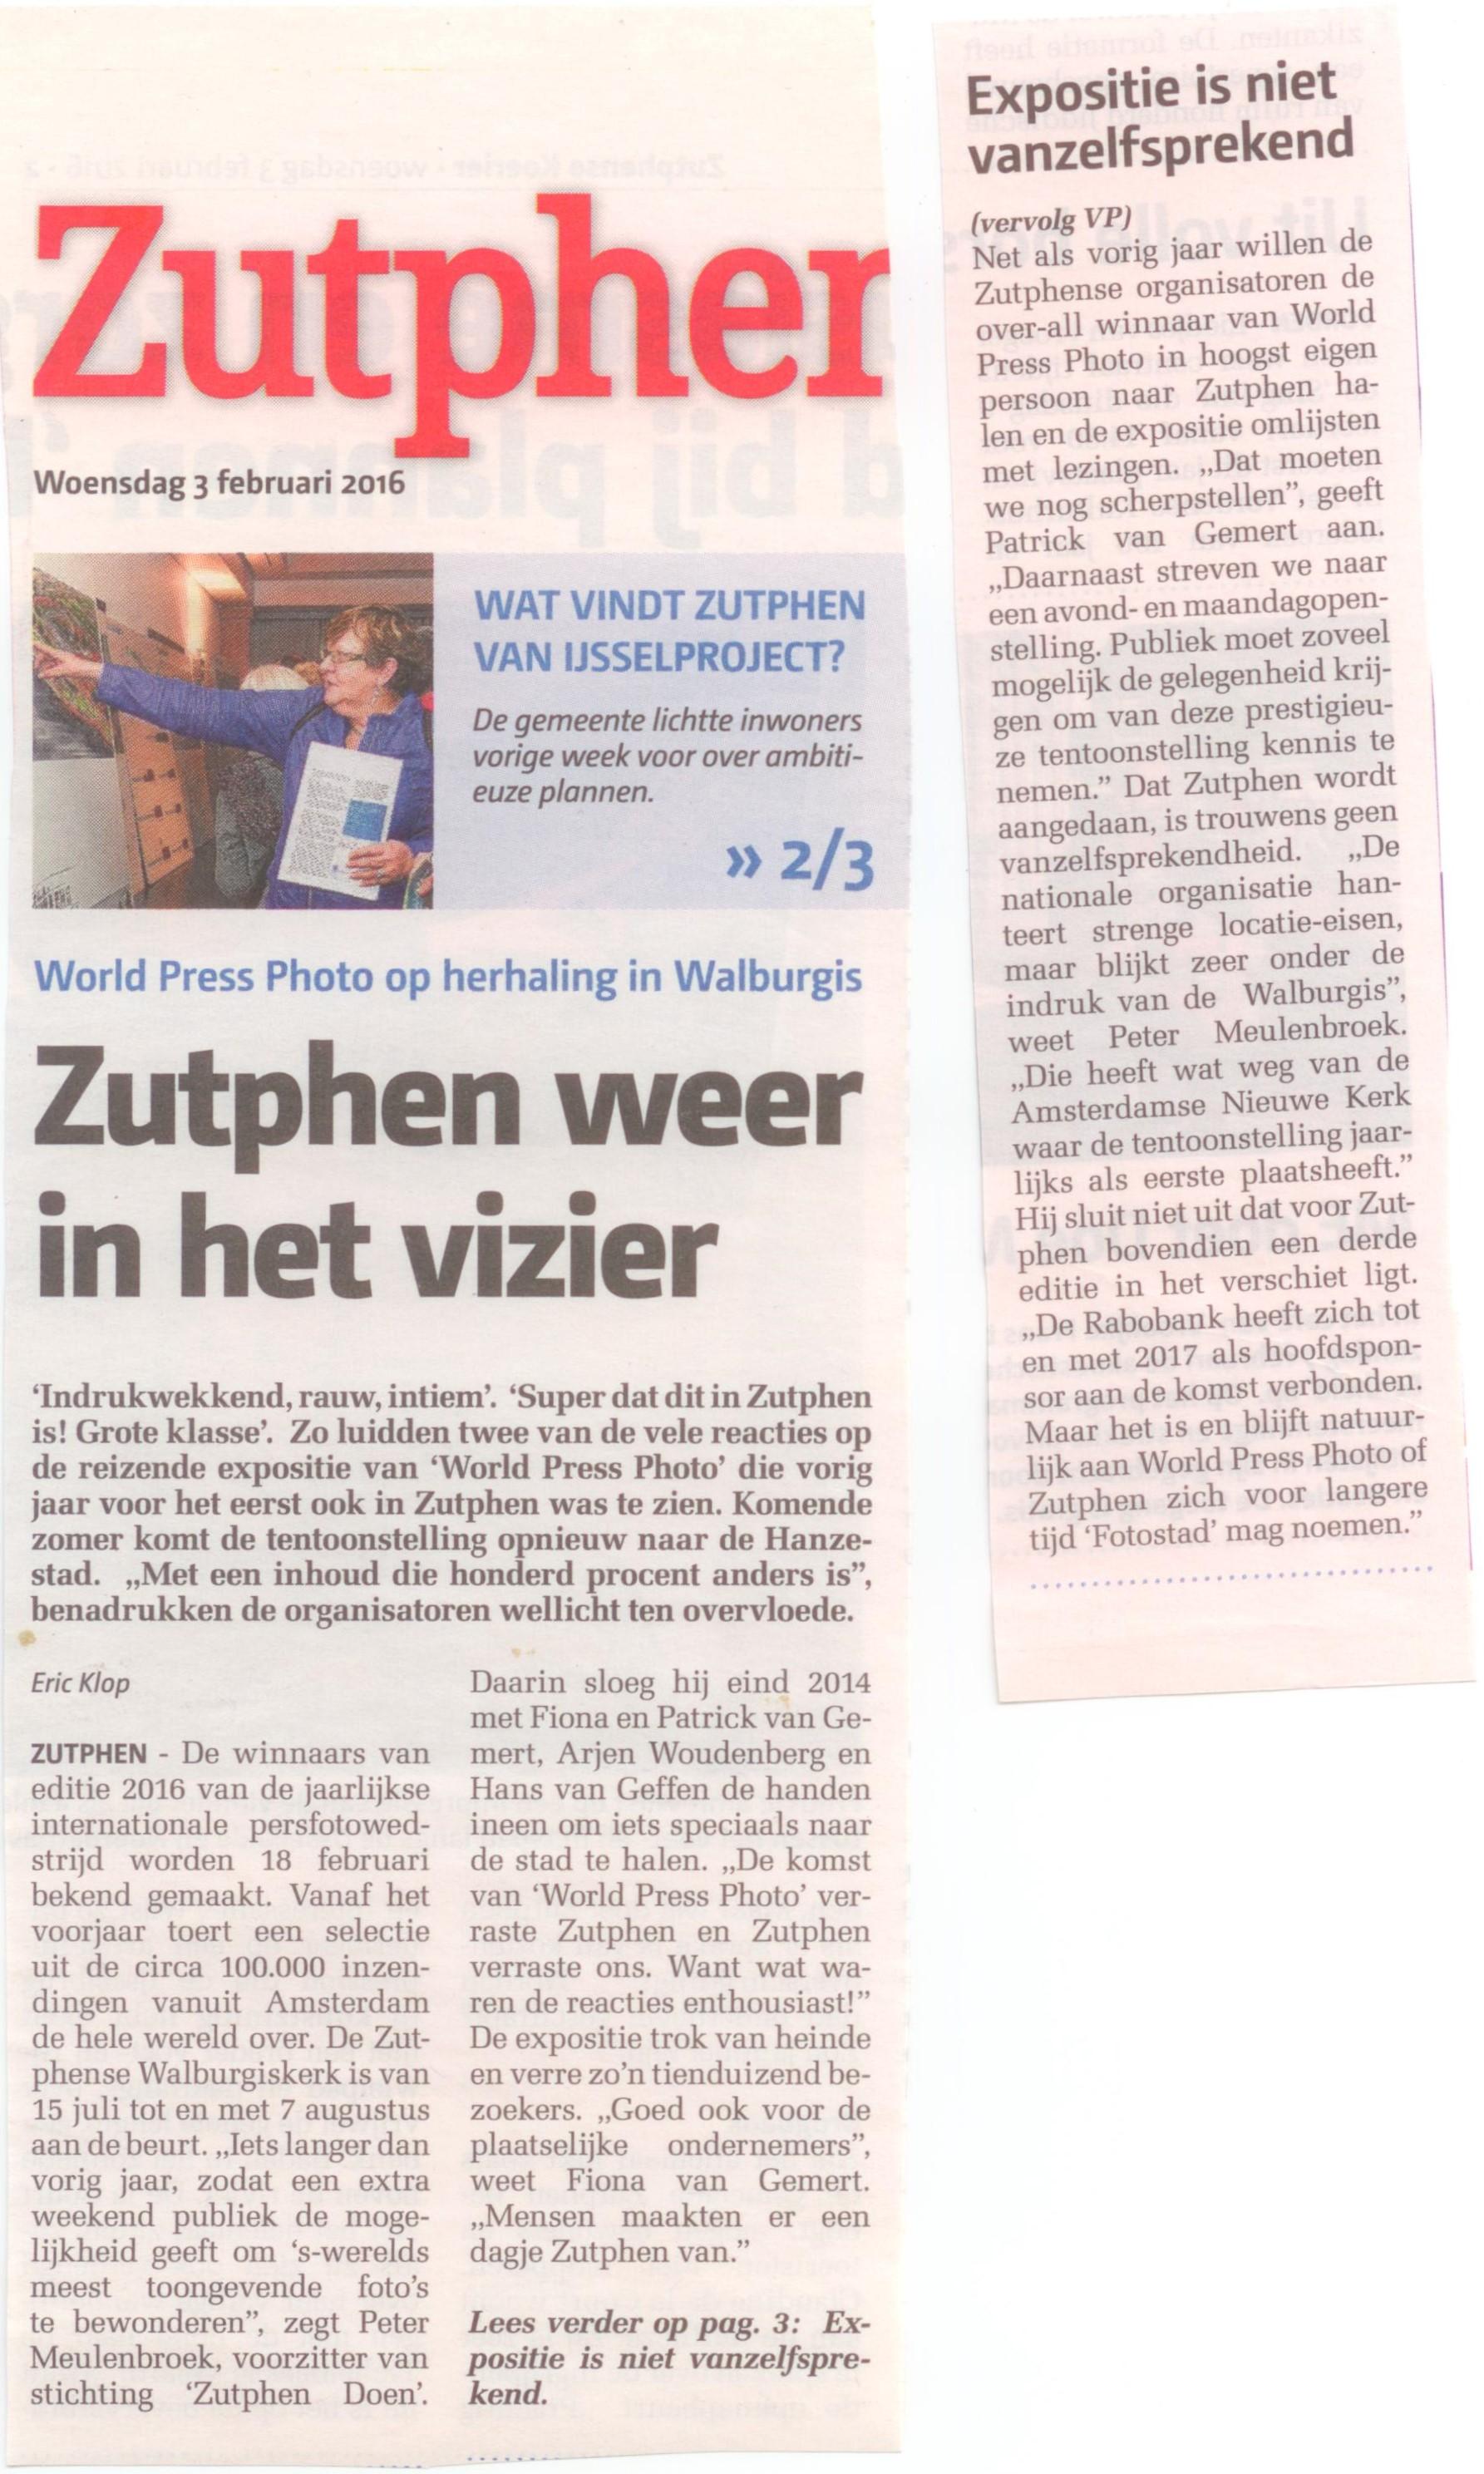 160203 Zutphense Koerier Zutphen weer in het vizier